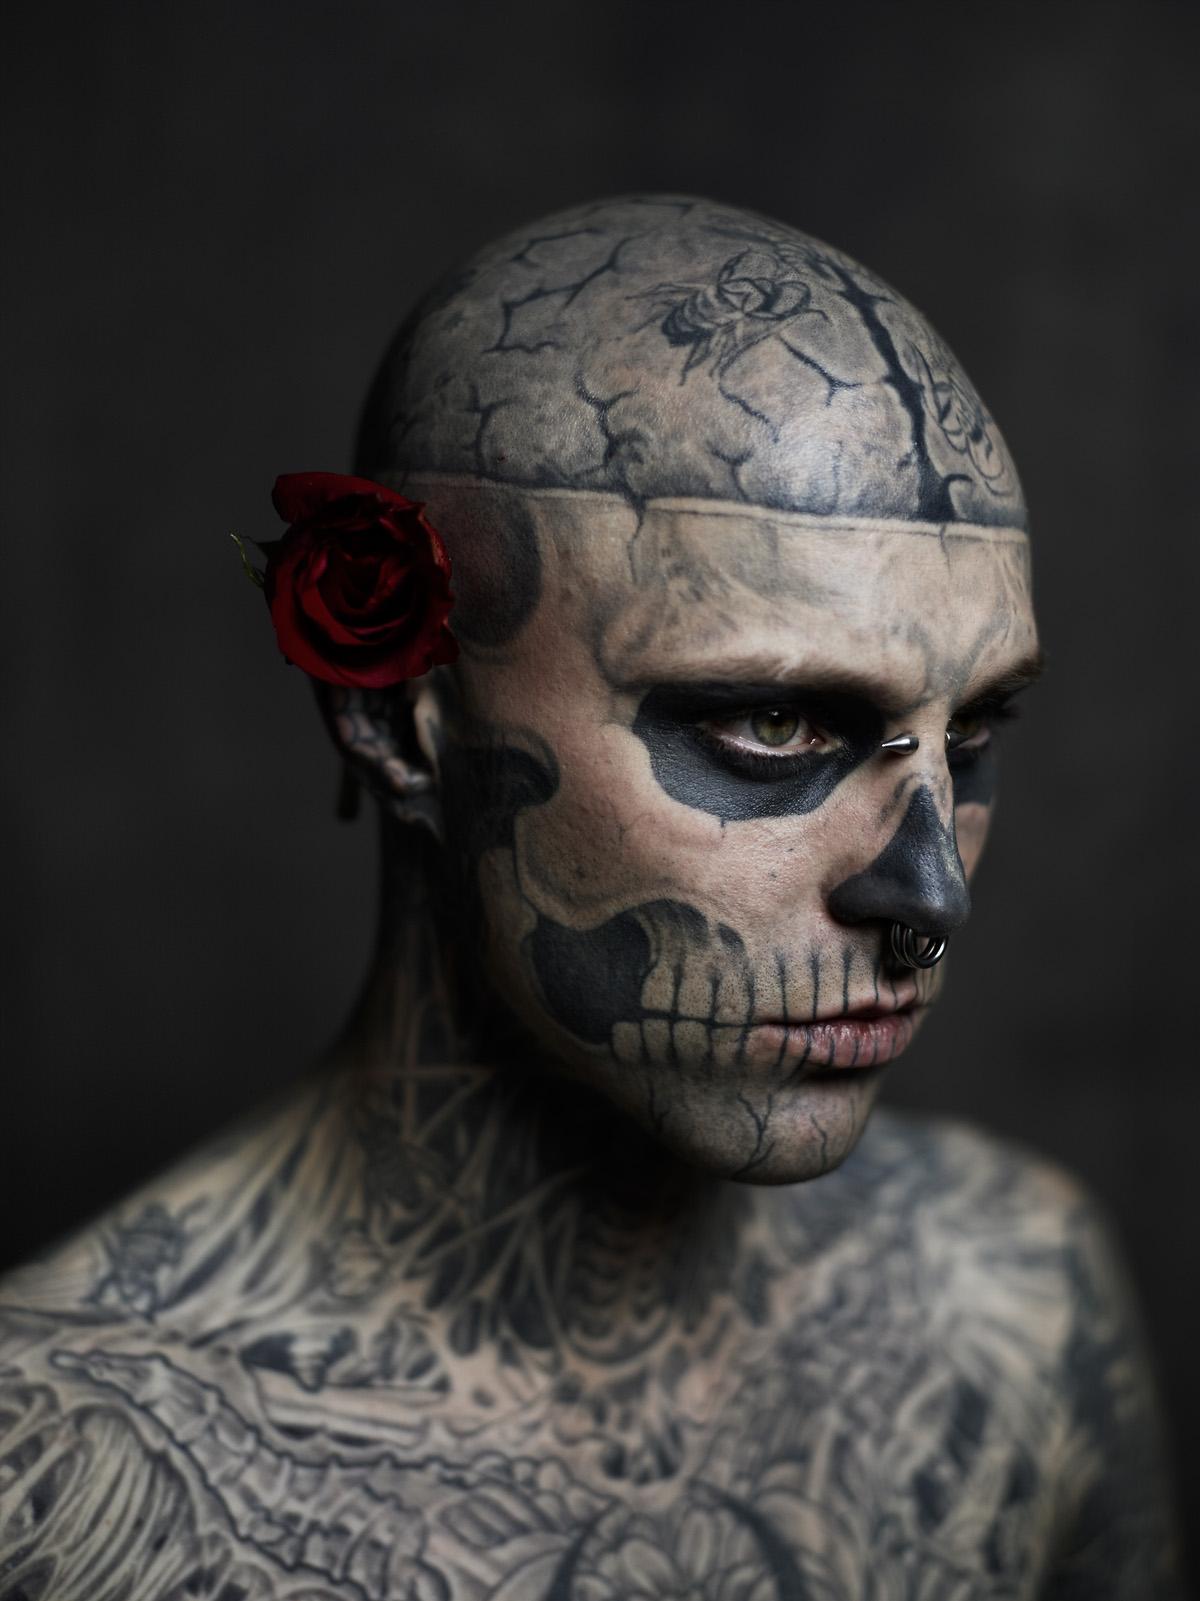 zombie_boy_rico_rick_genest_02